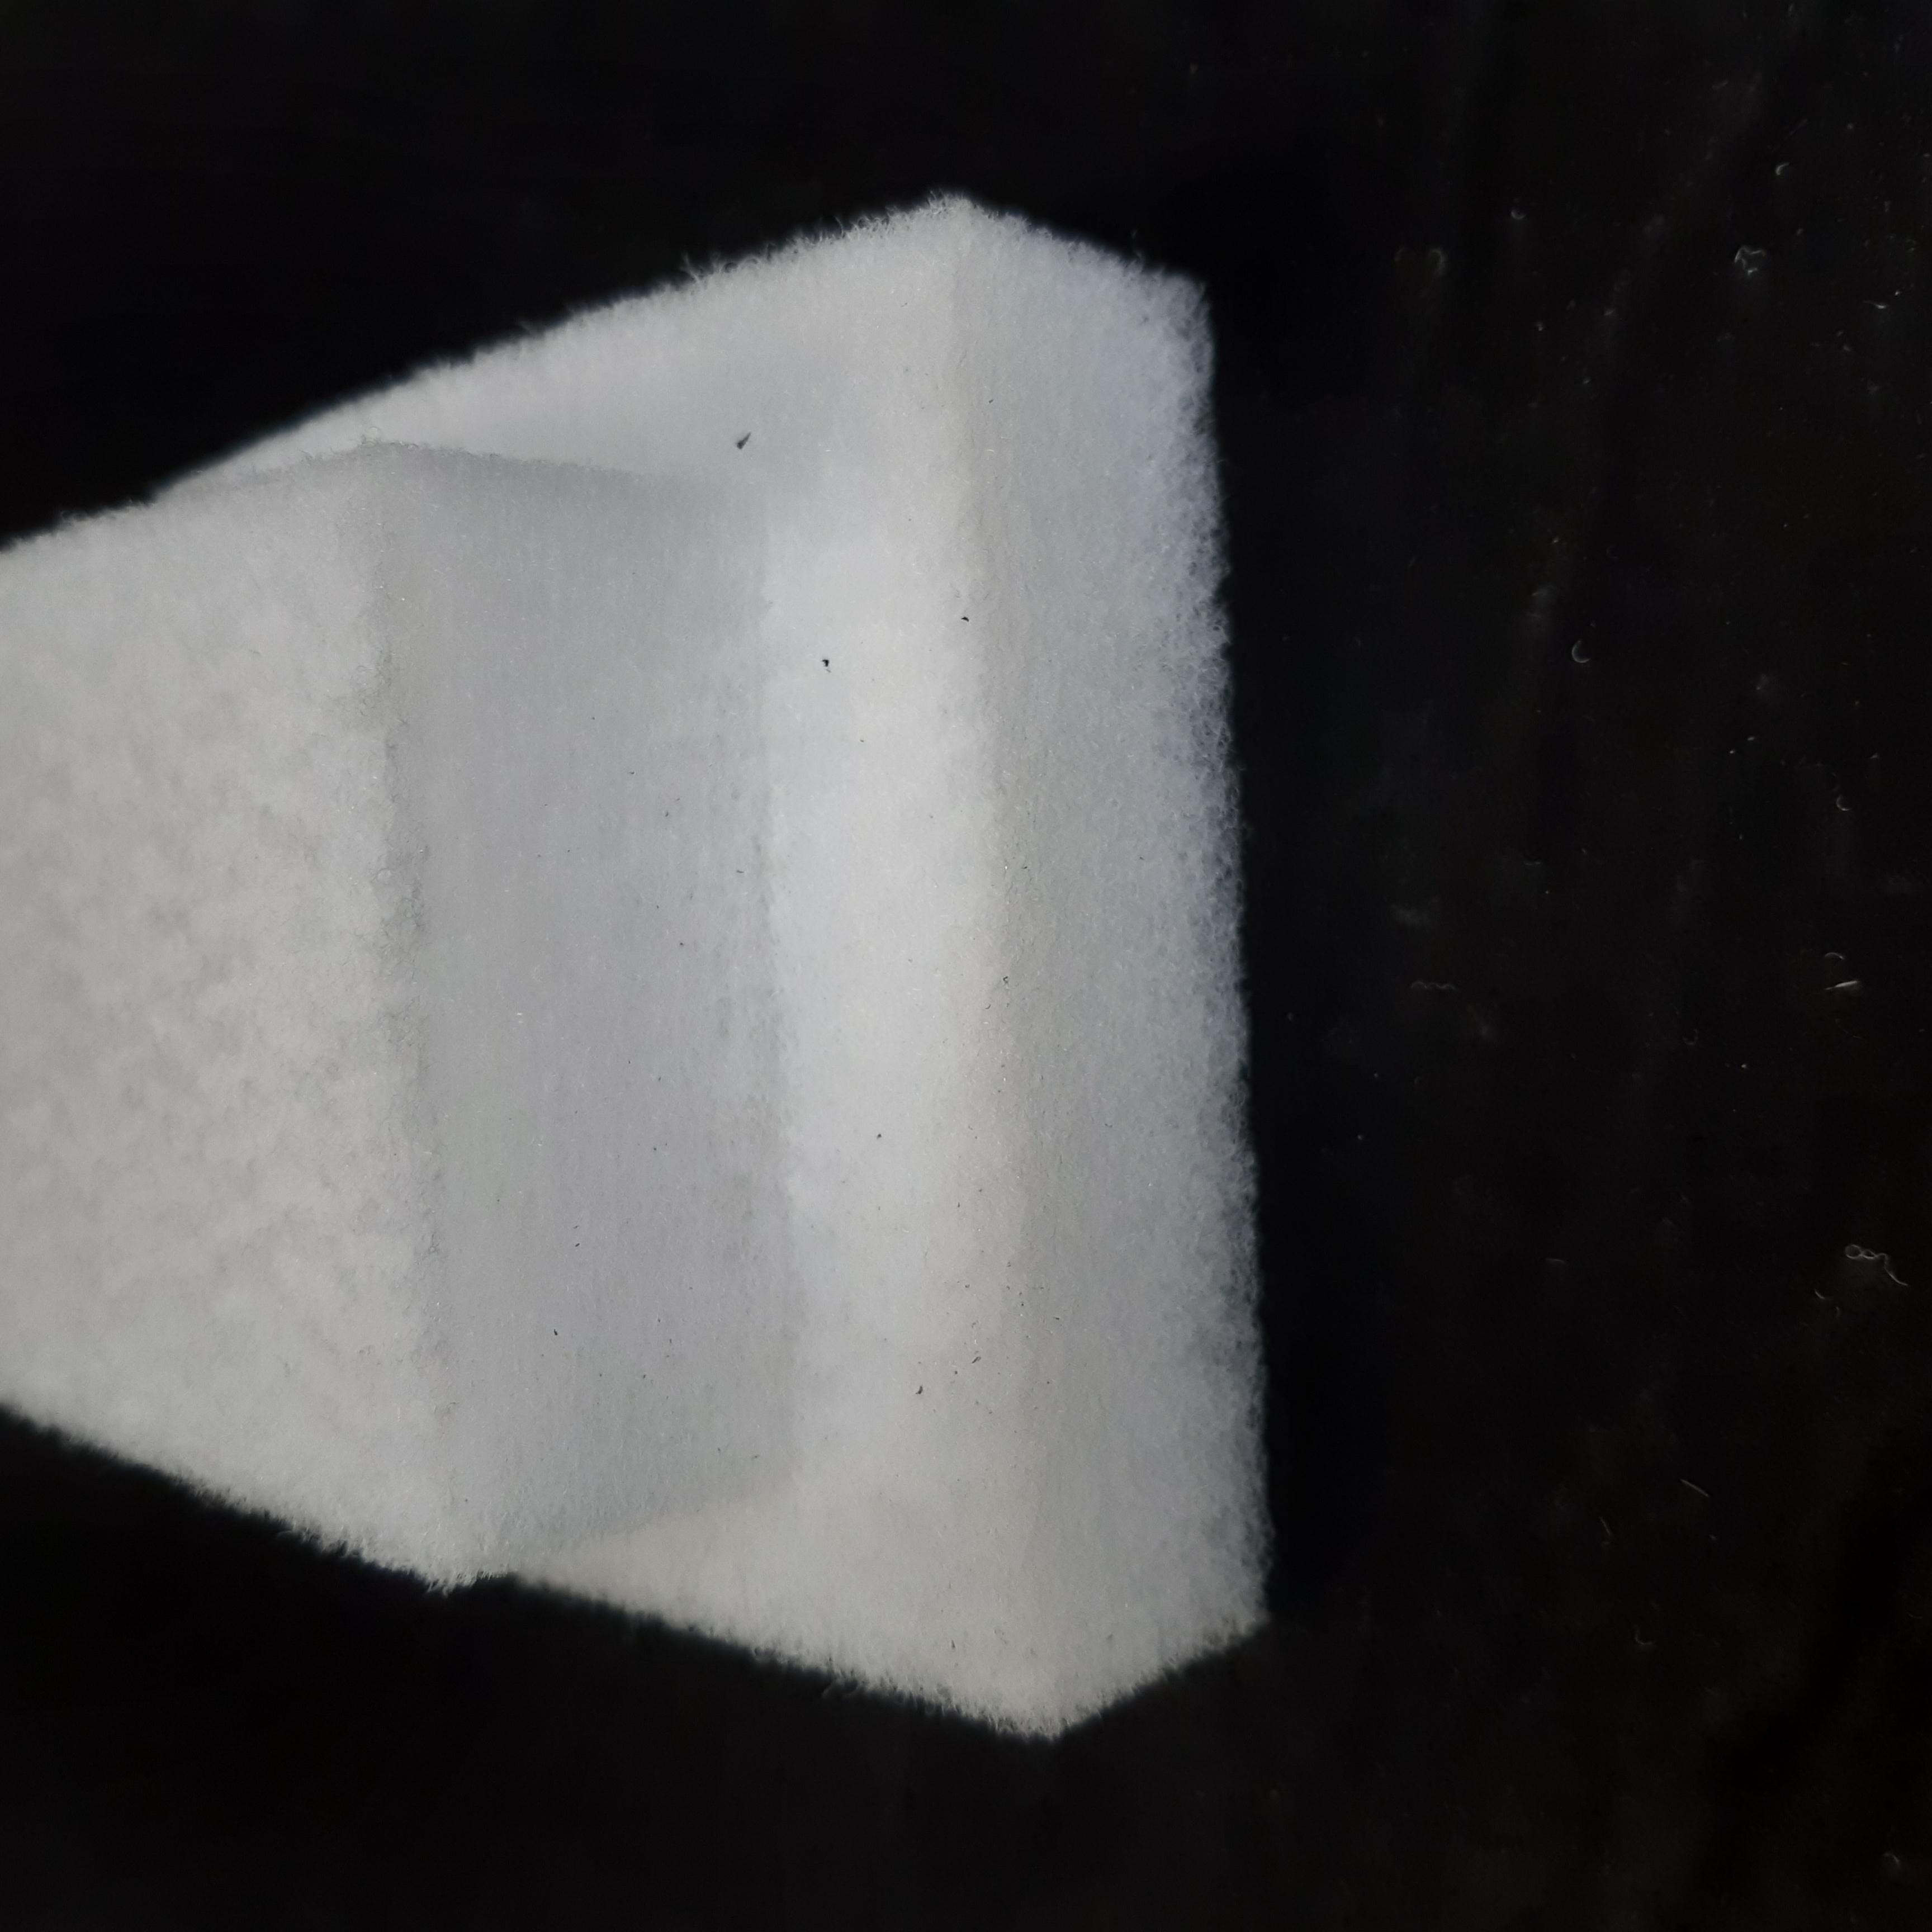 (P1)Polstervlies  Stärke ca.30 mm Gewicht 600g/m² Größe: ca. 210 x 100 cm